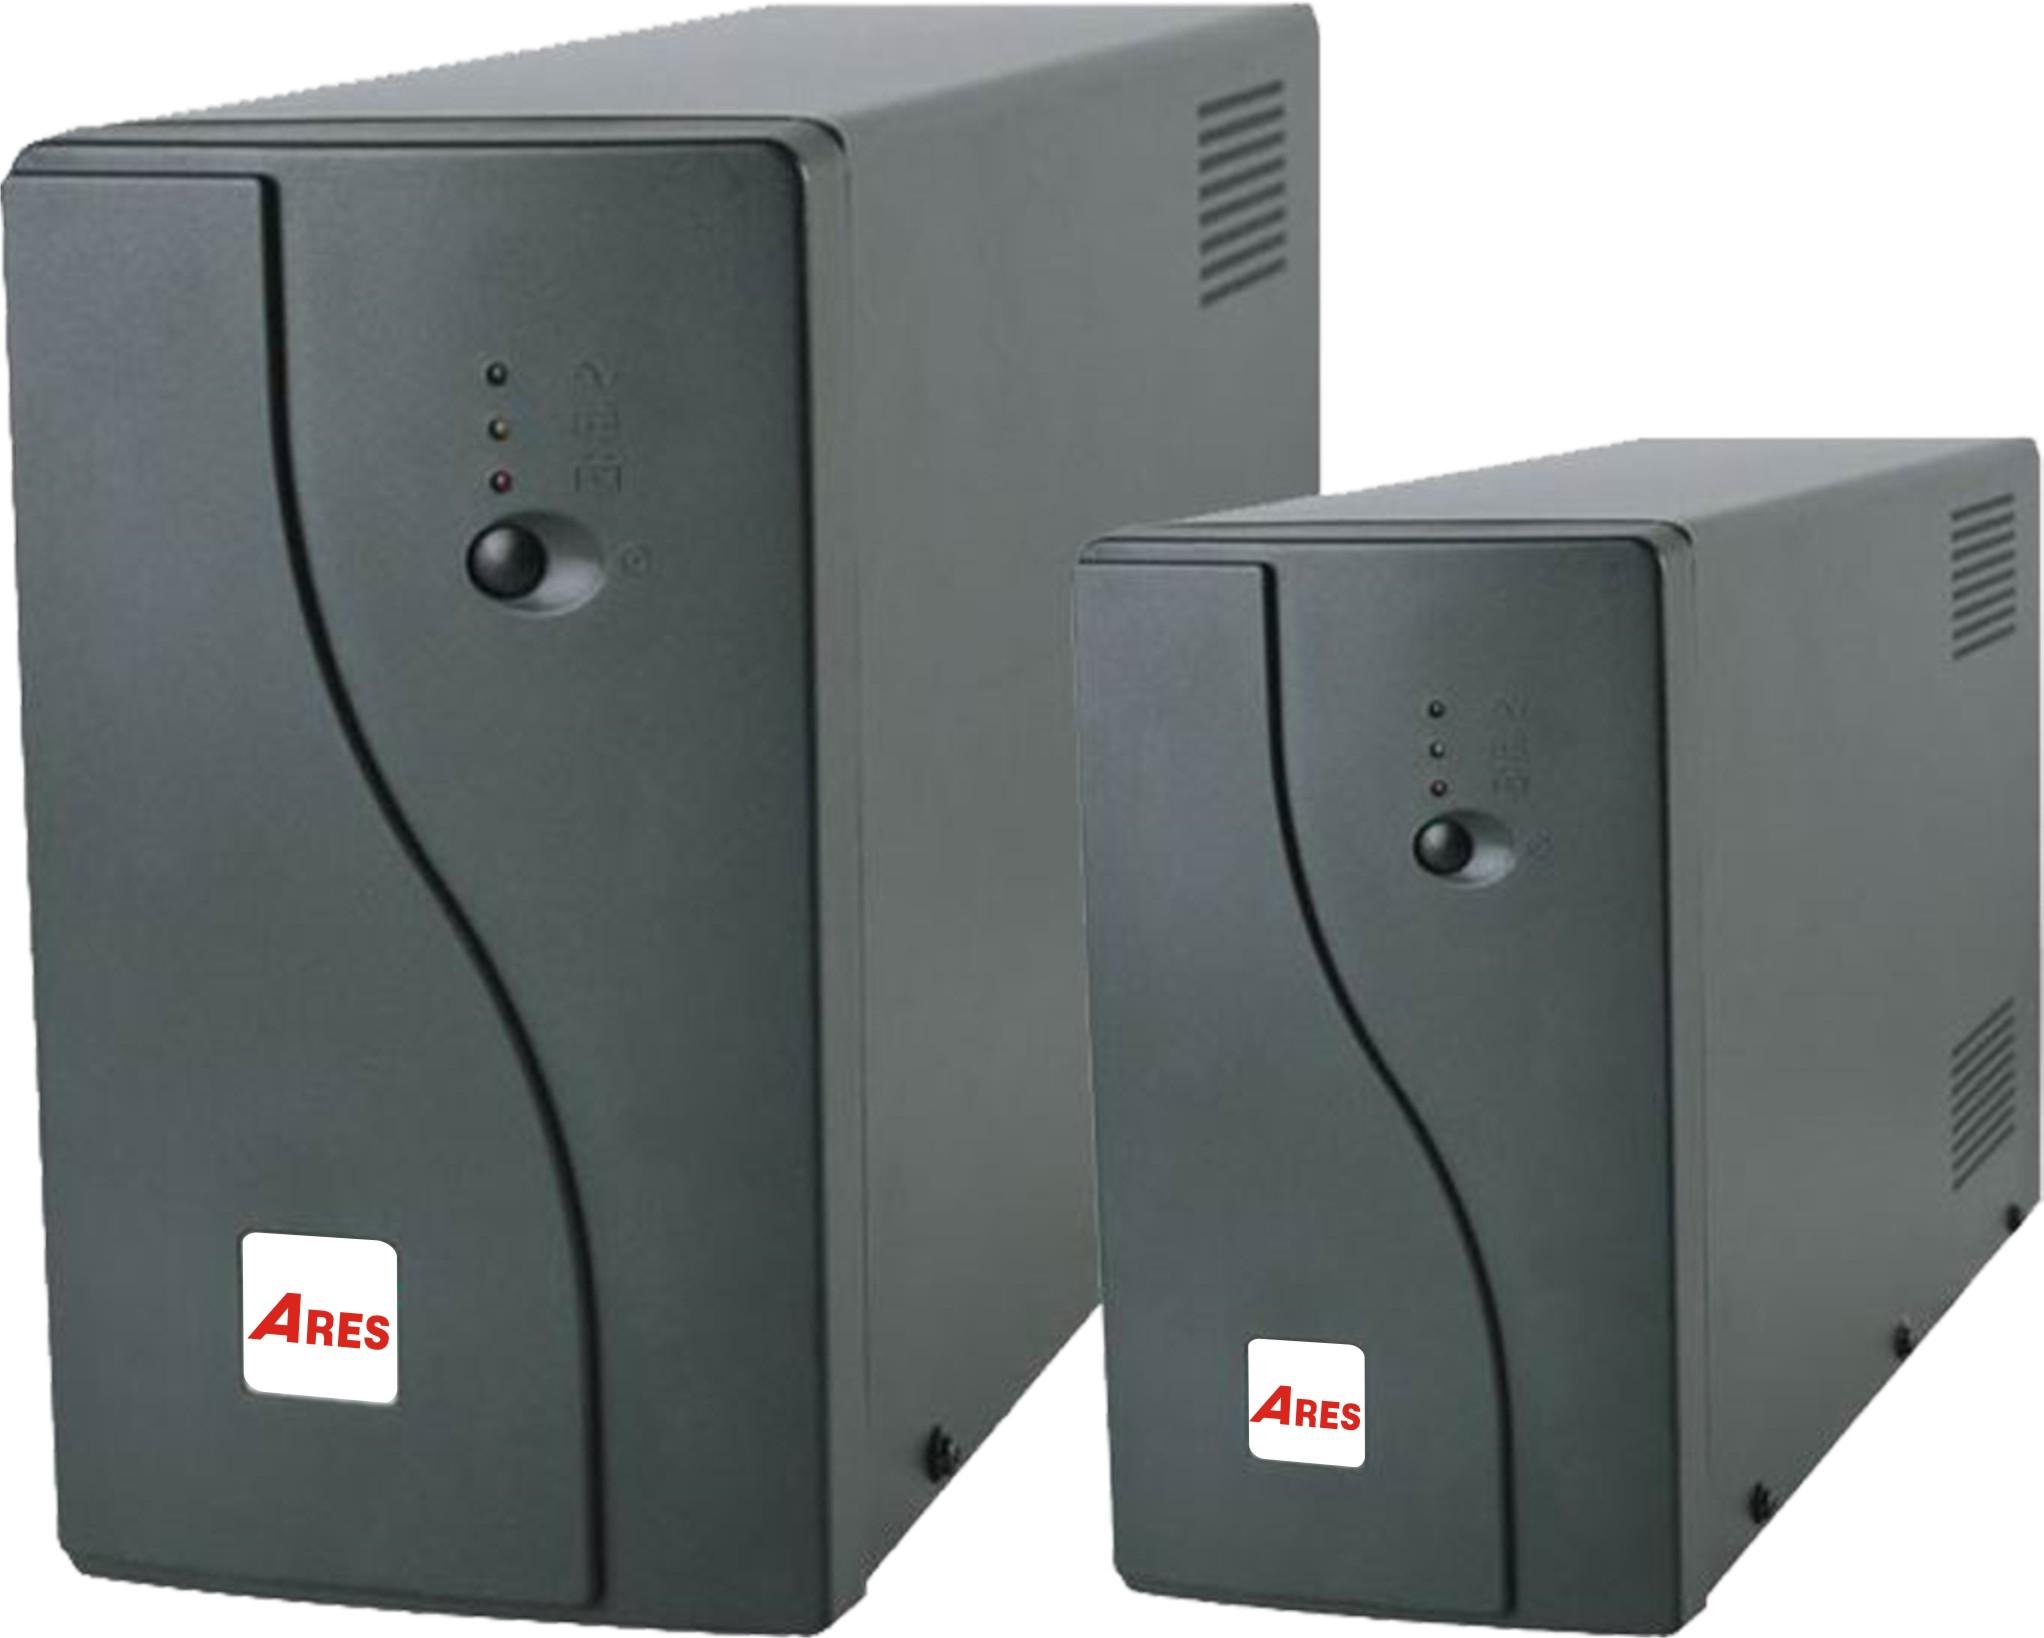 UPS giúp ổn định dòng điện tốt